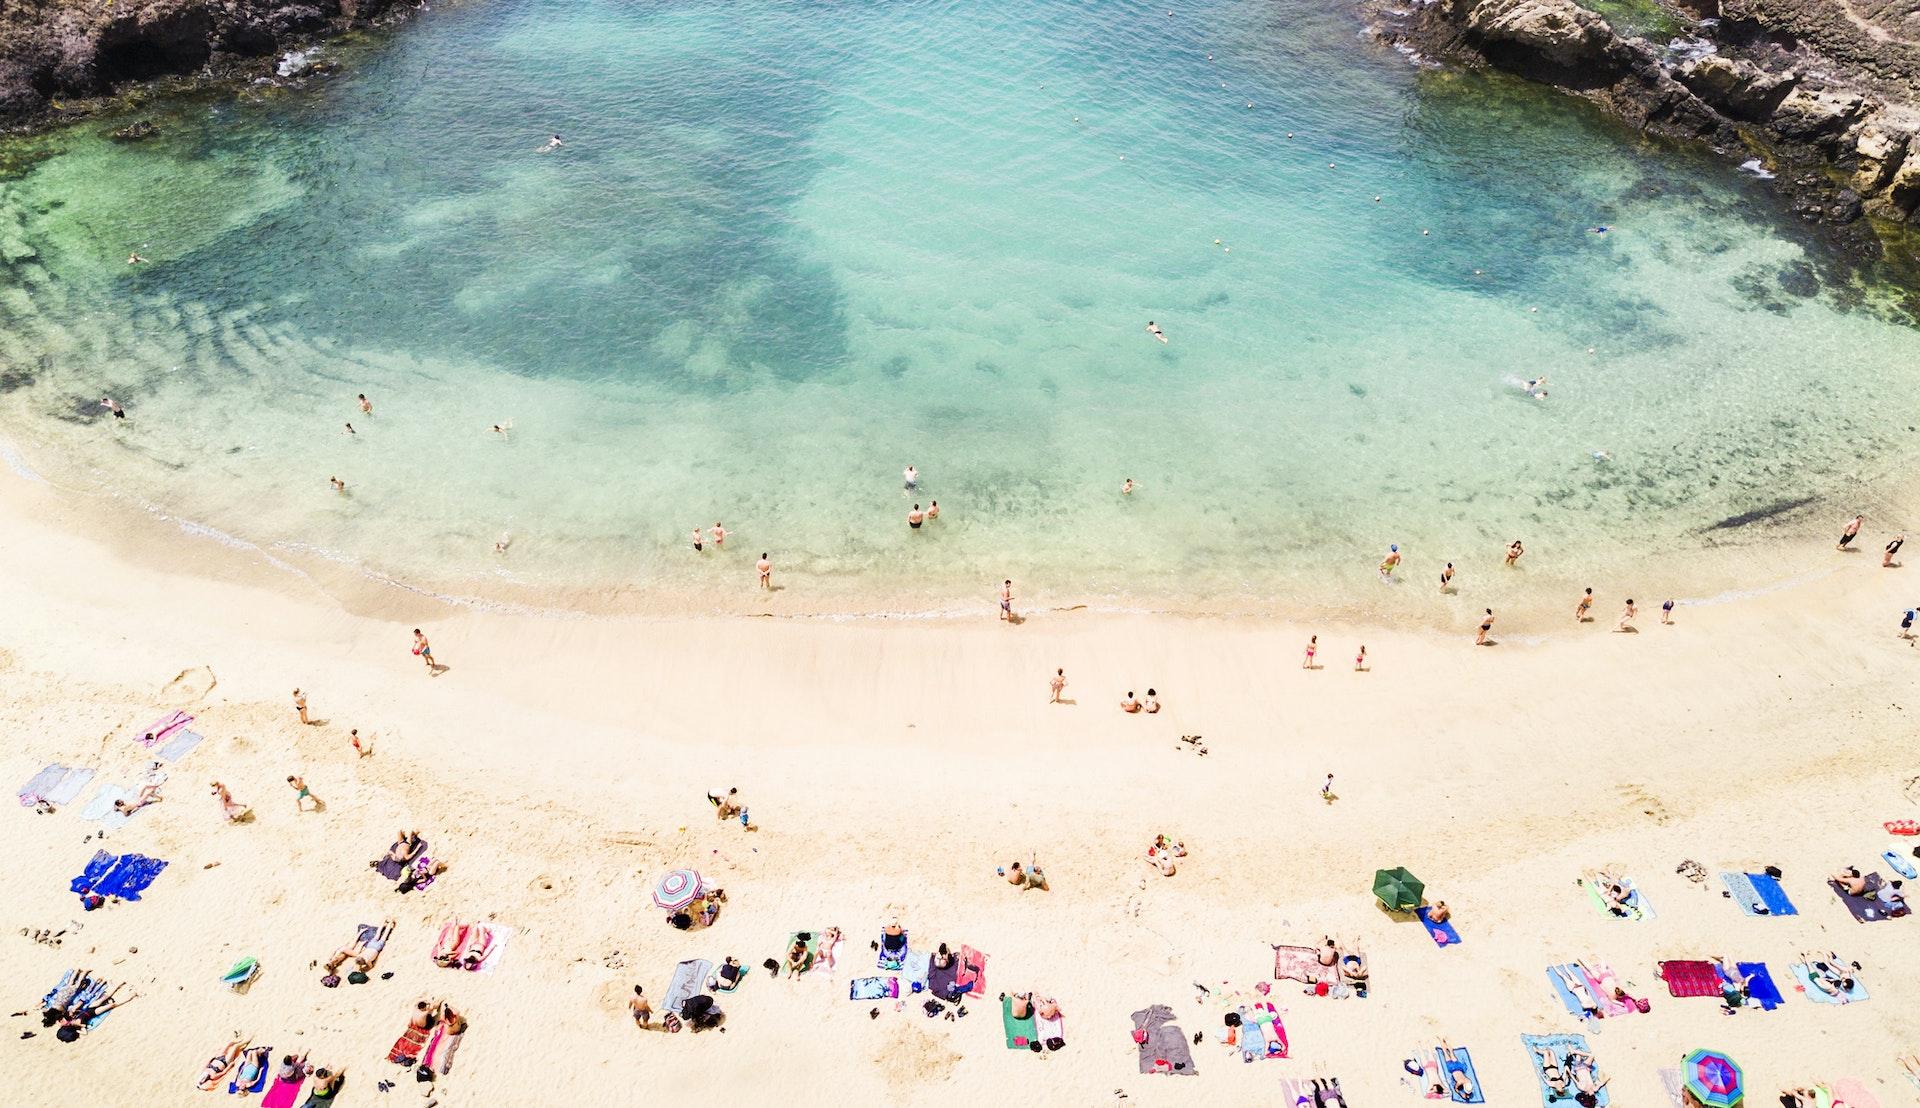 Alle elsker å ligge på stranden i Syden © Orbon Alija, Getty Images